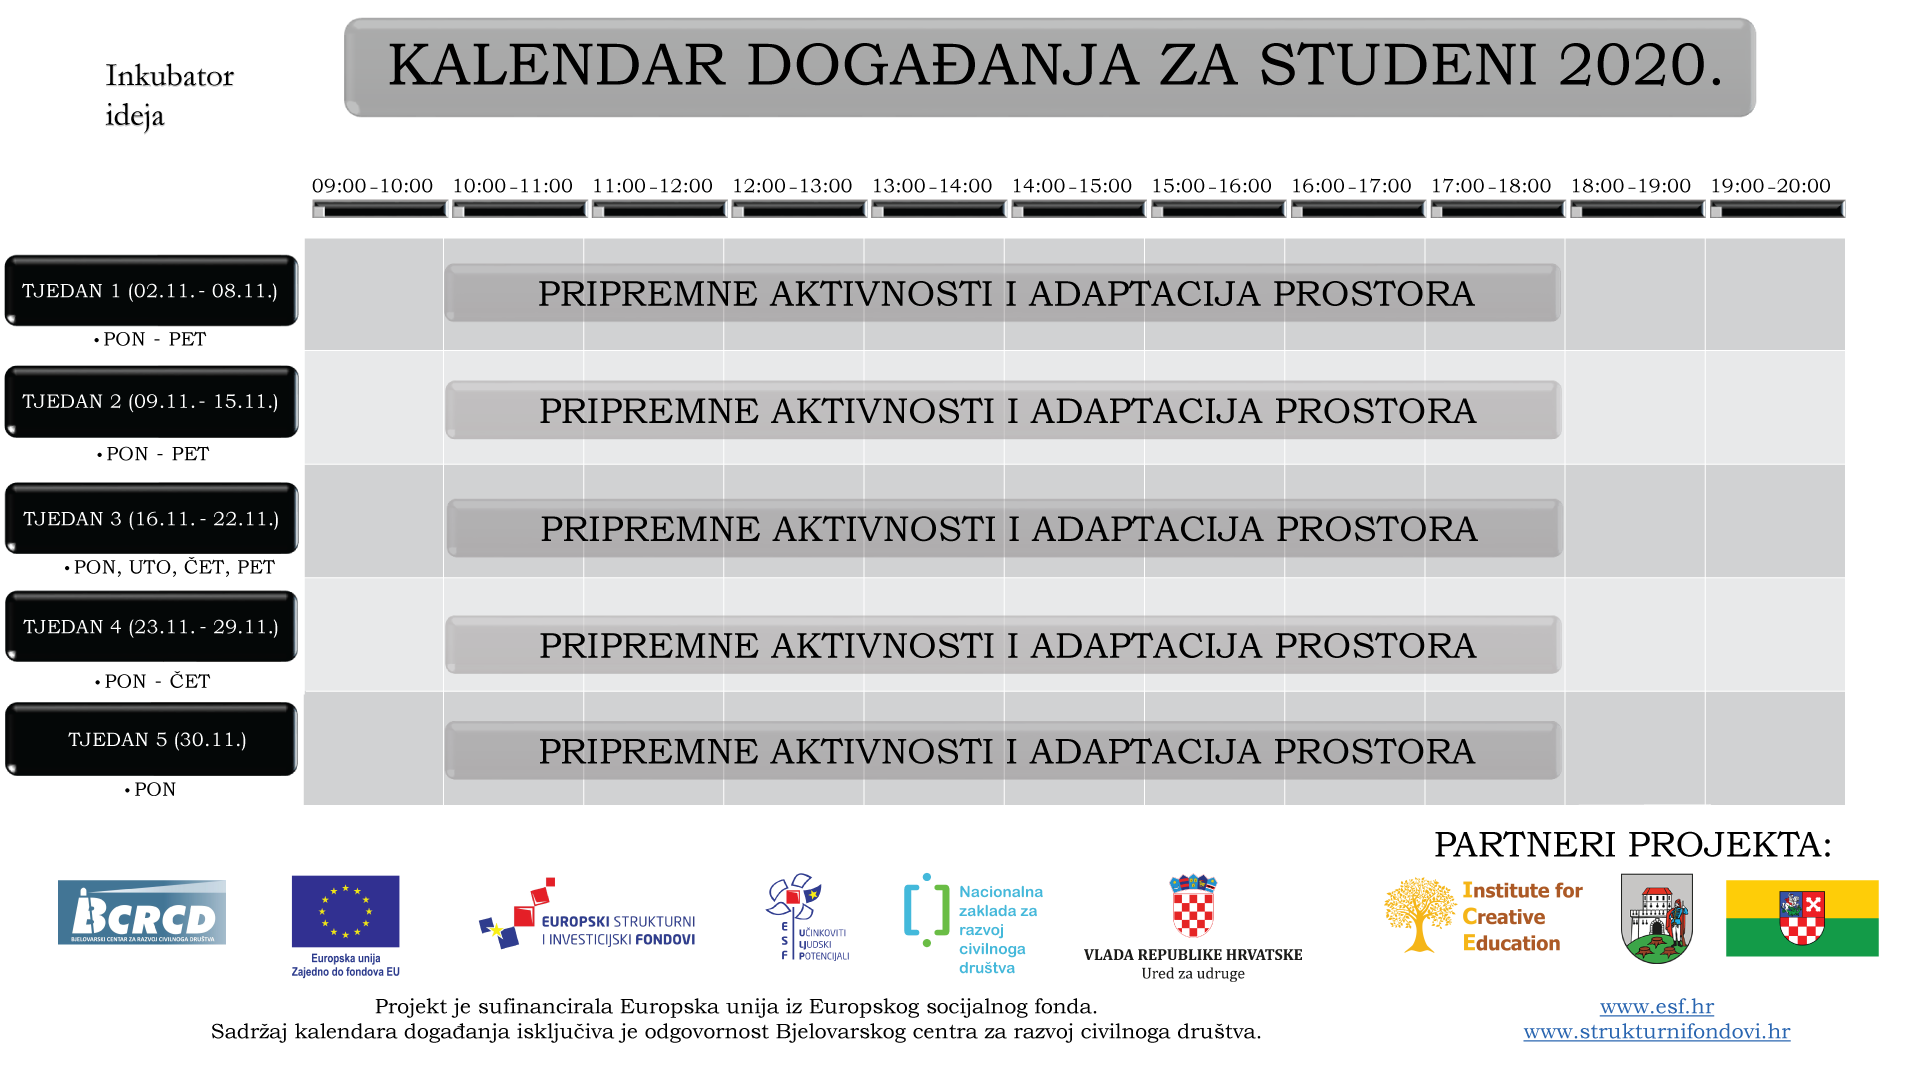 Kalendar događanja za studeni 2020.